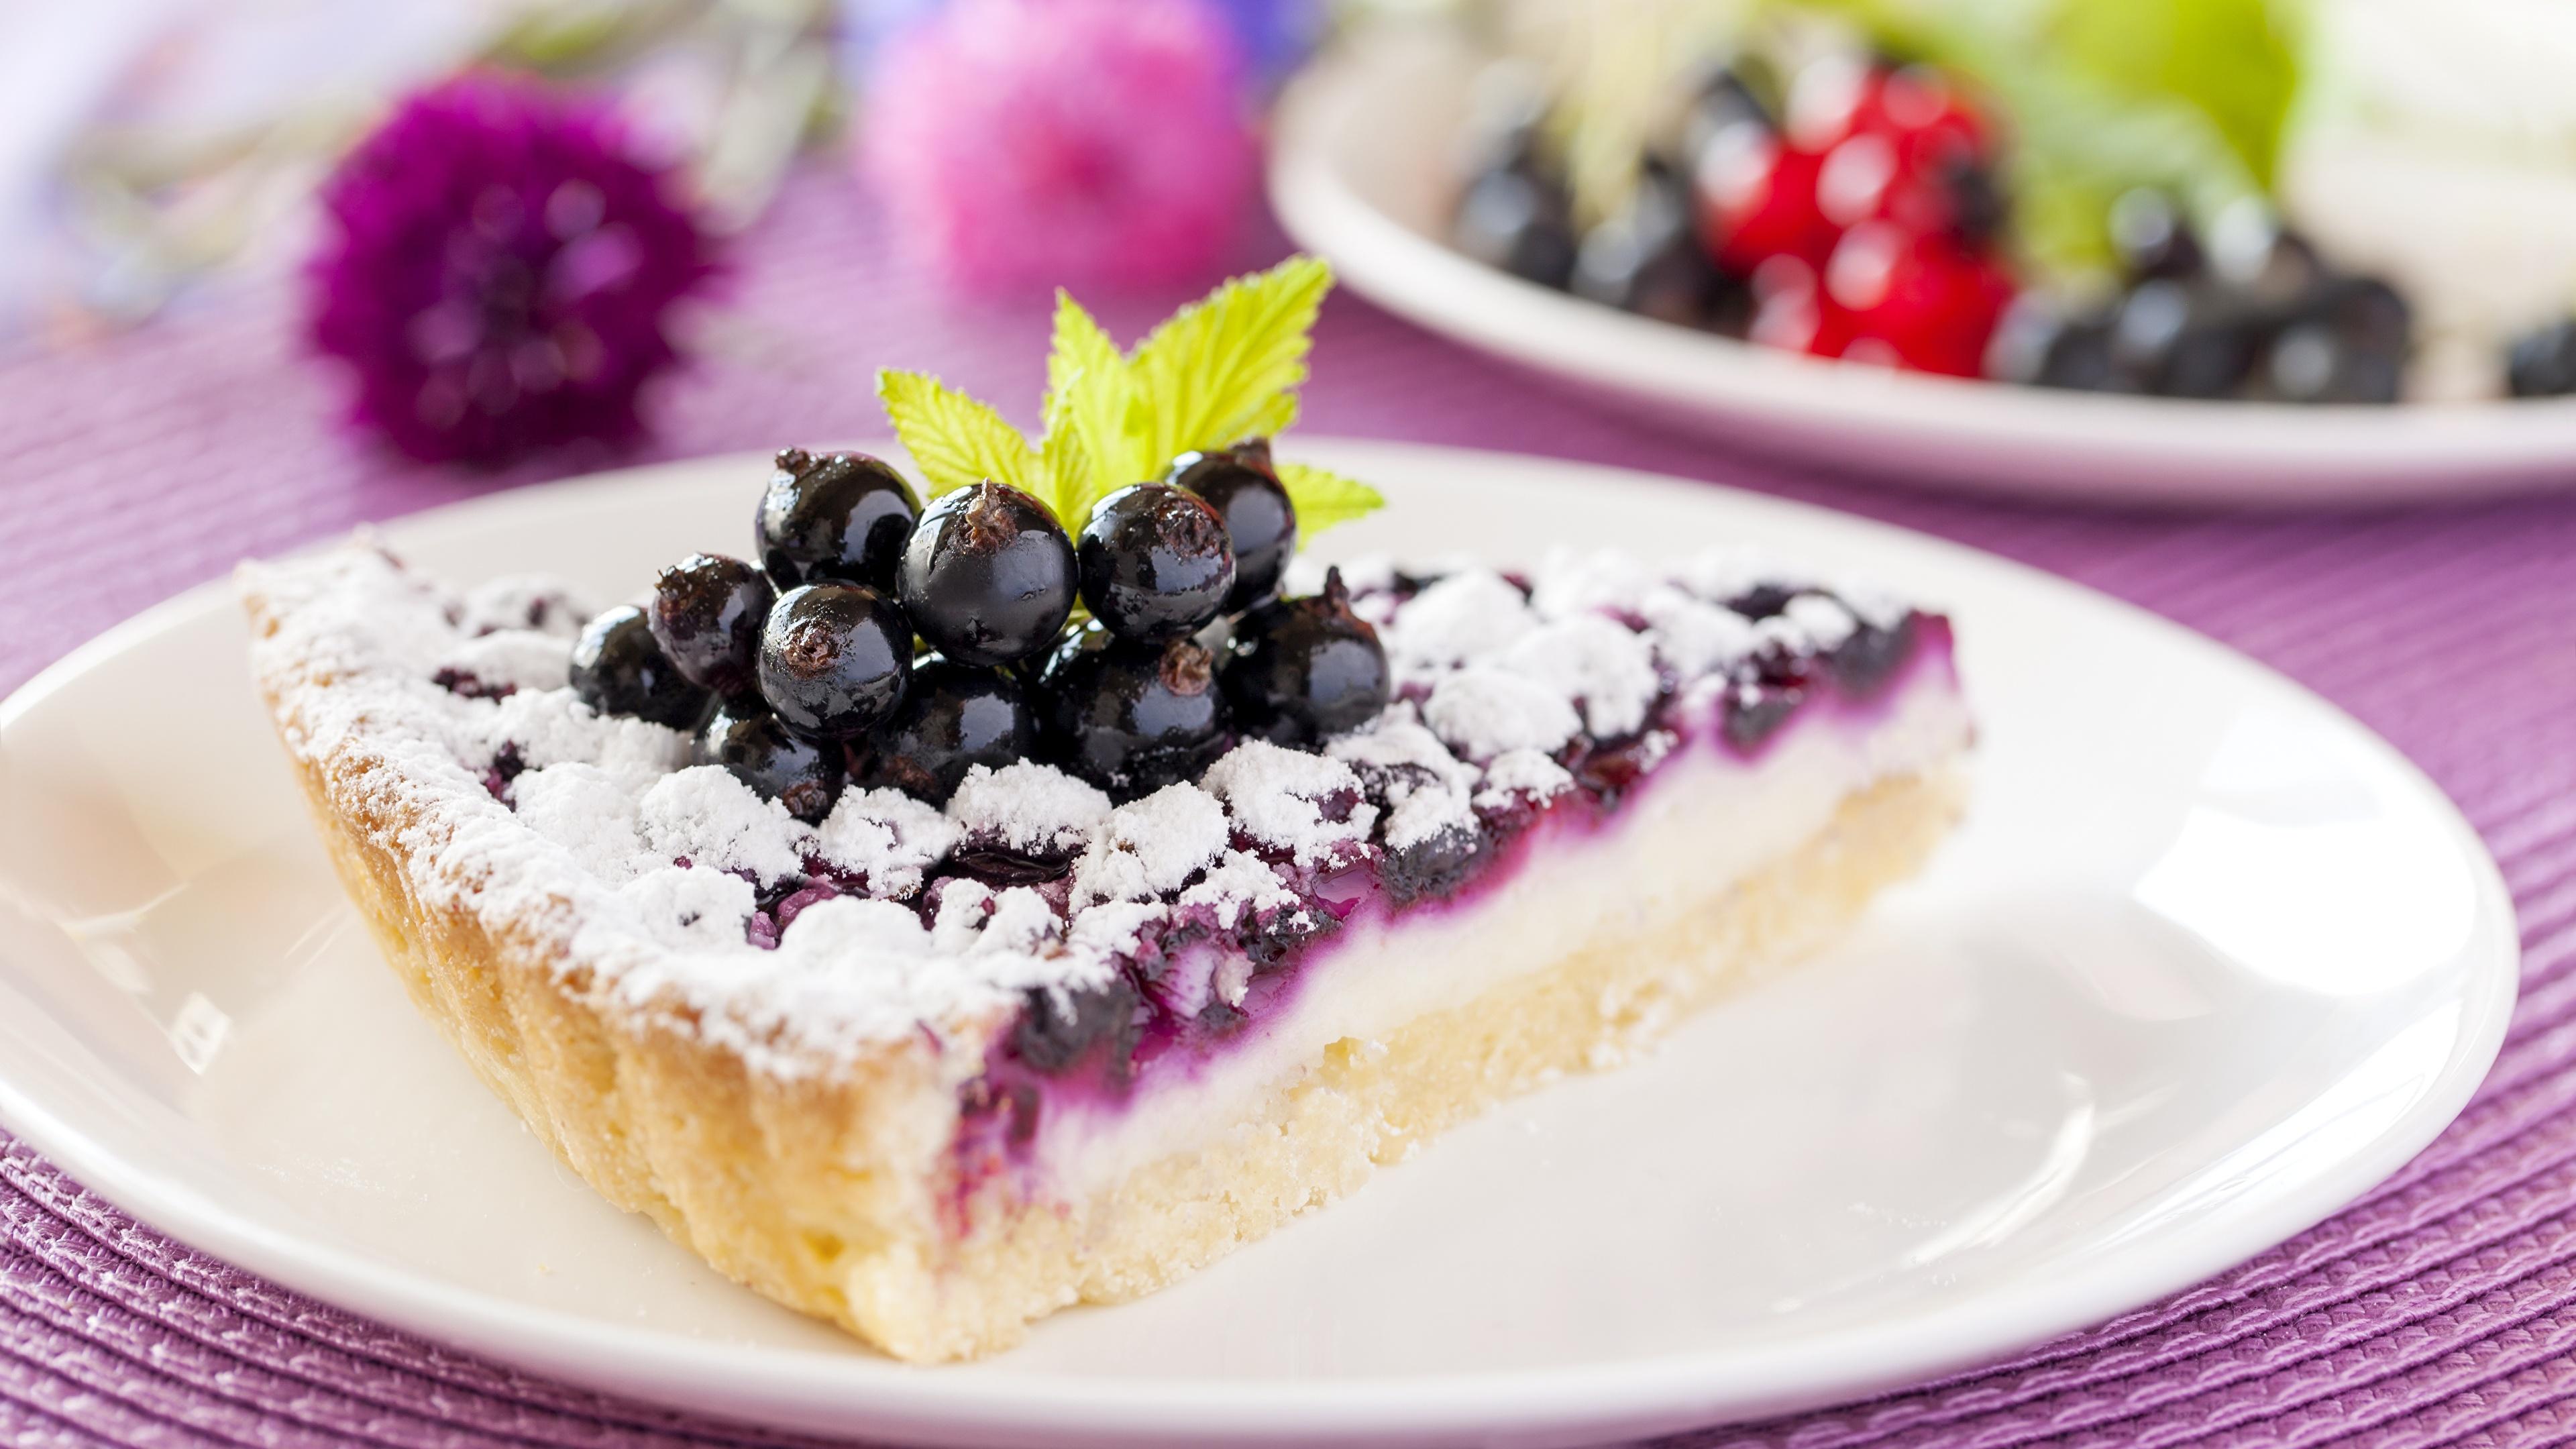 Фото Пирог кусочки Черника Еда тарелке 3840x2160 часть Кусок кусочек Пища Тарелка Продукты питания